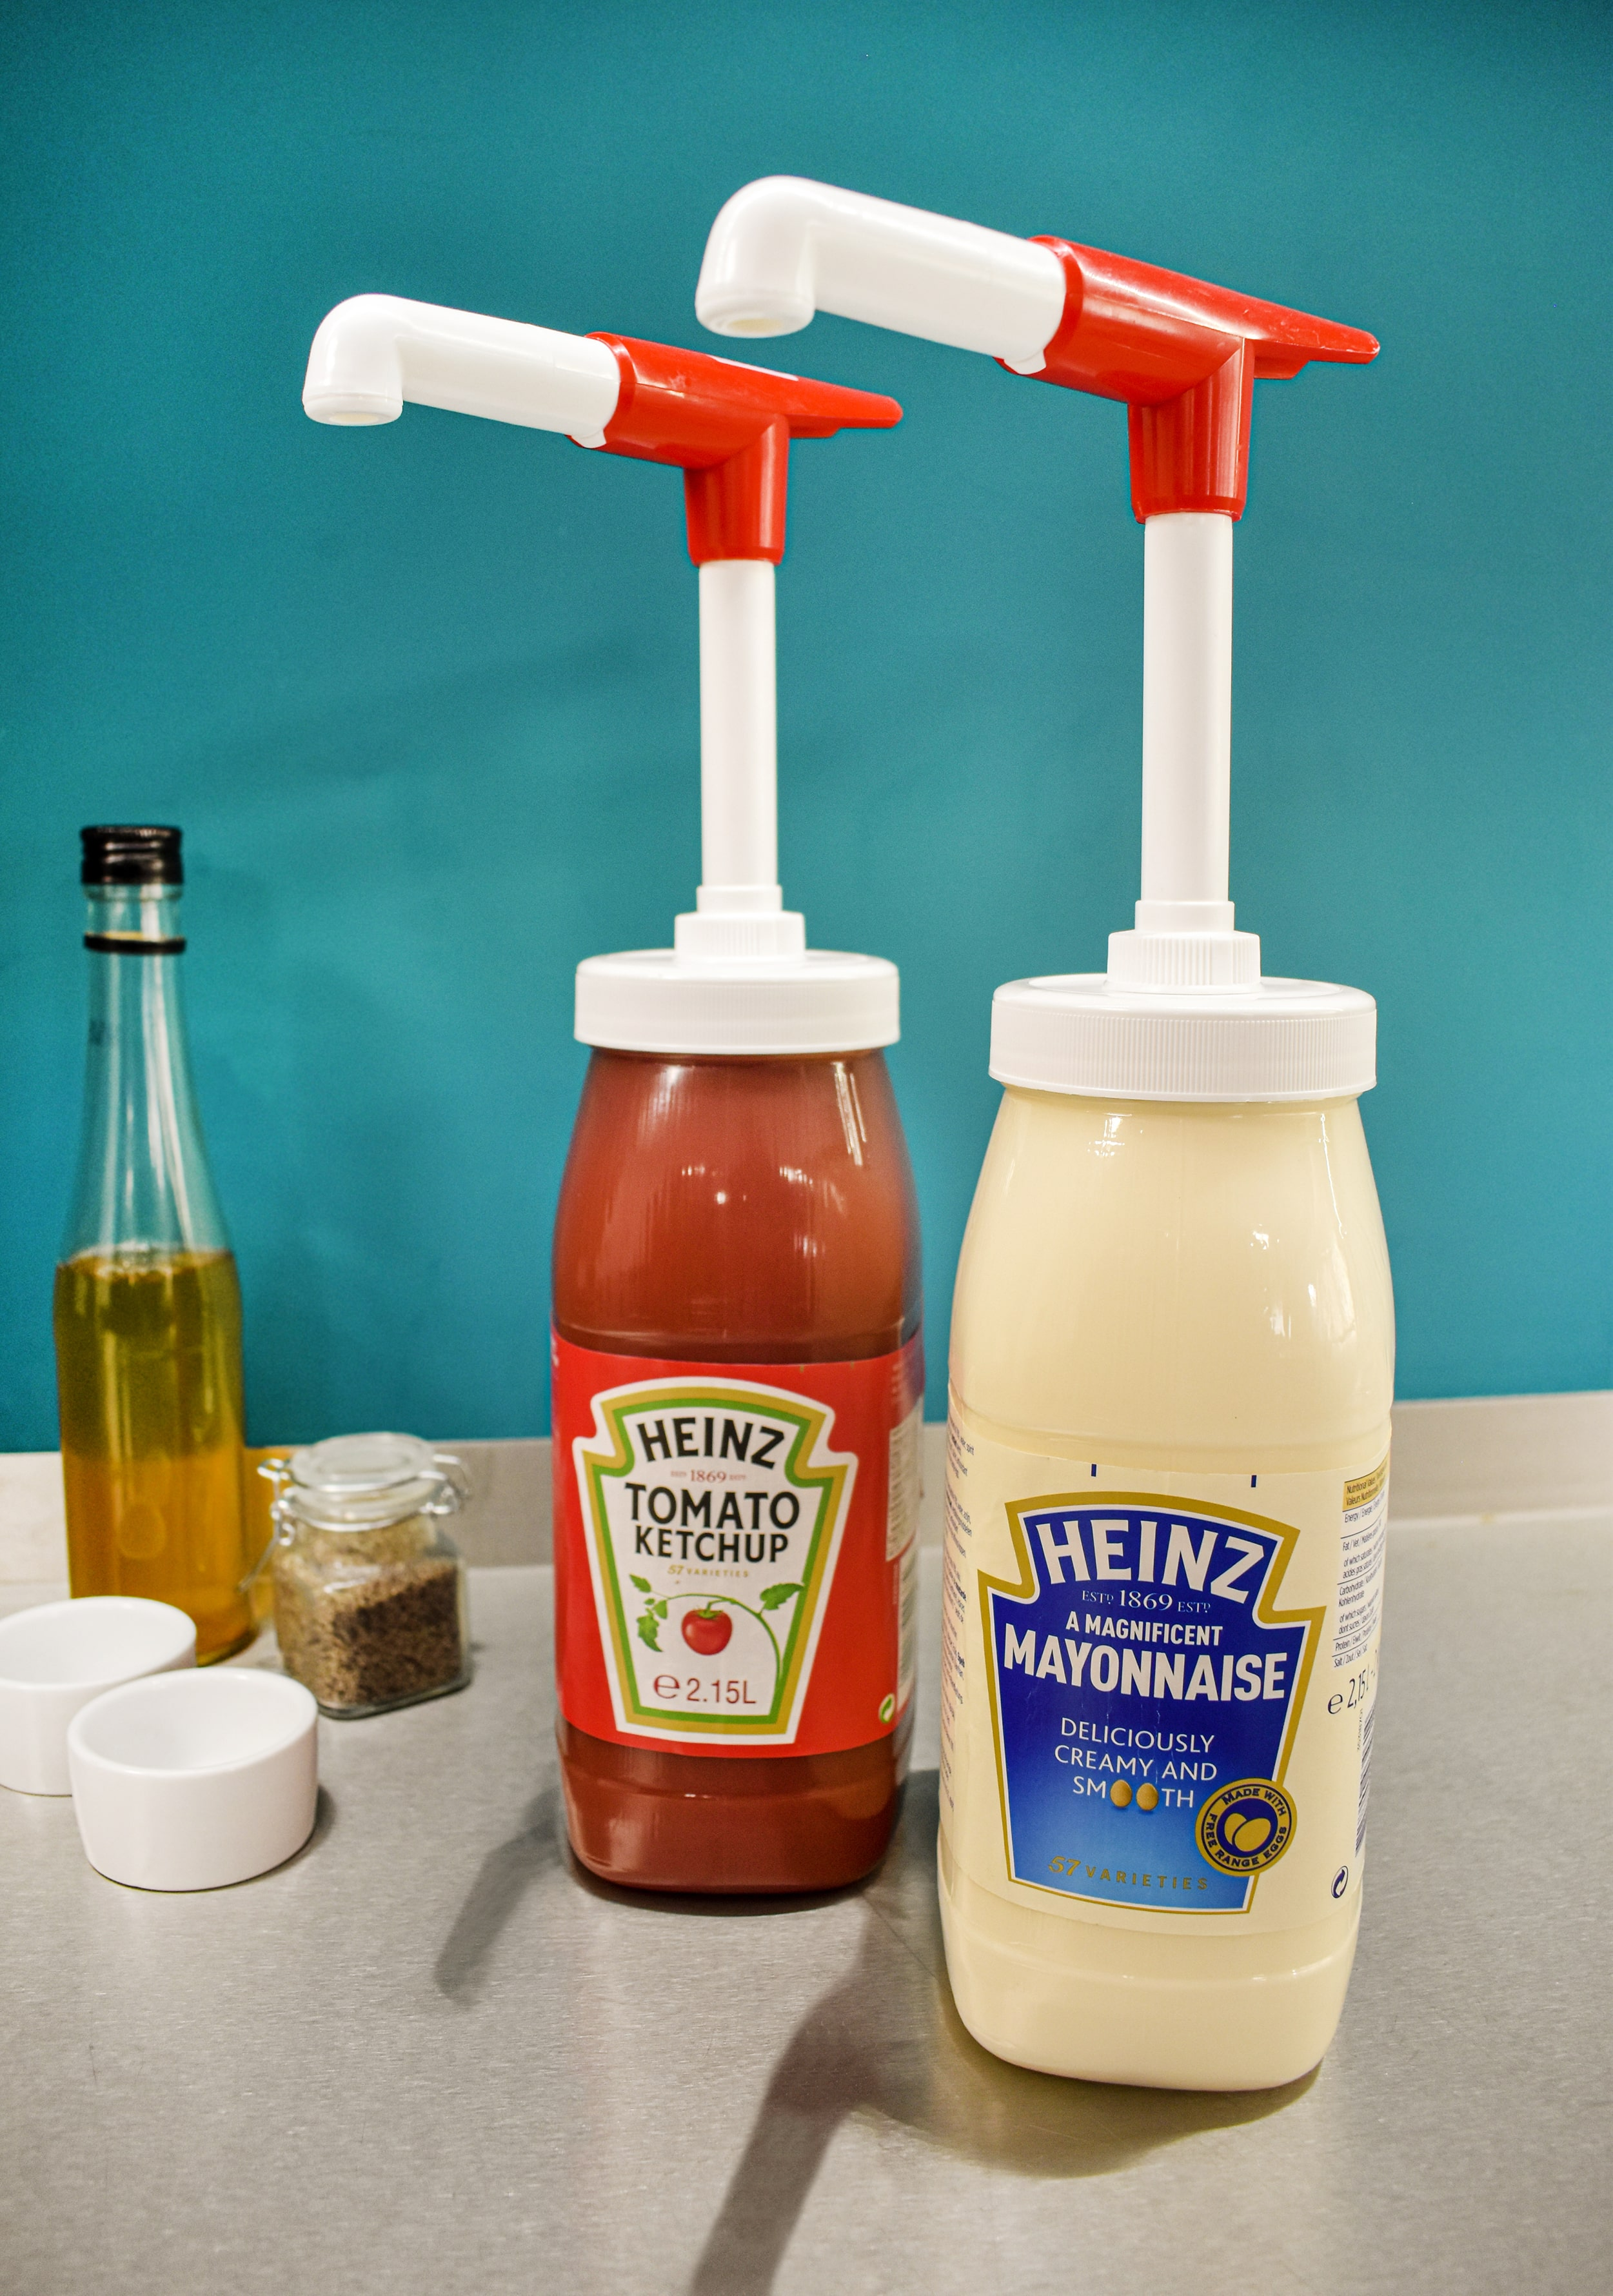 Heinz 2,15L Merchandise